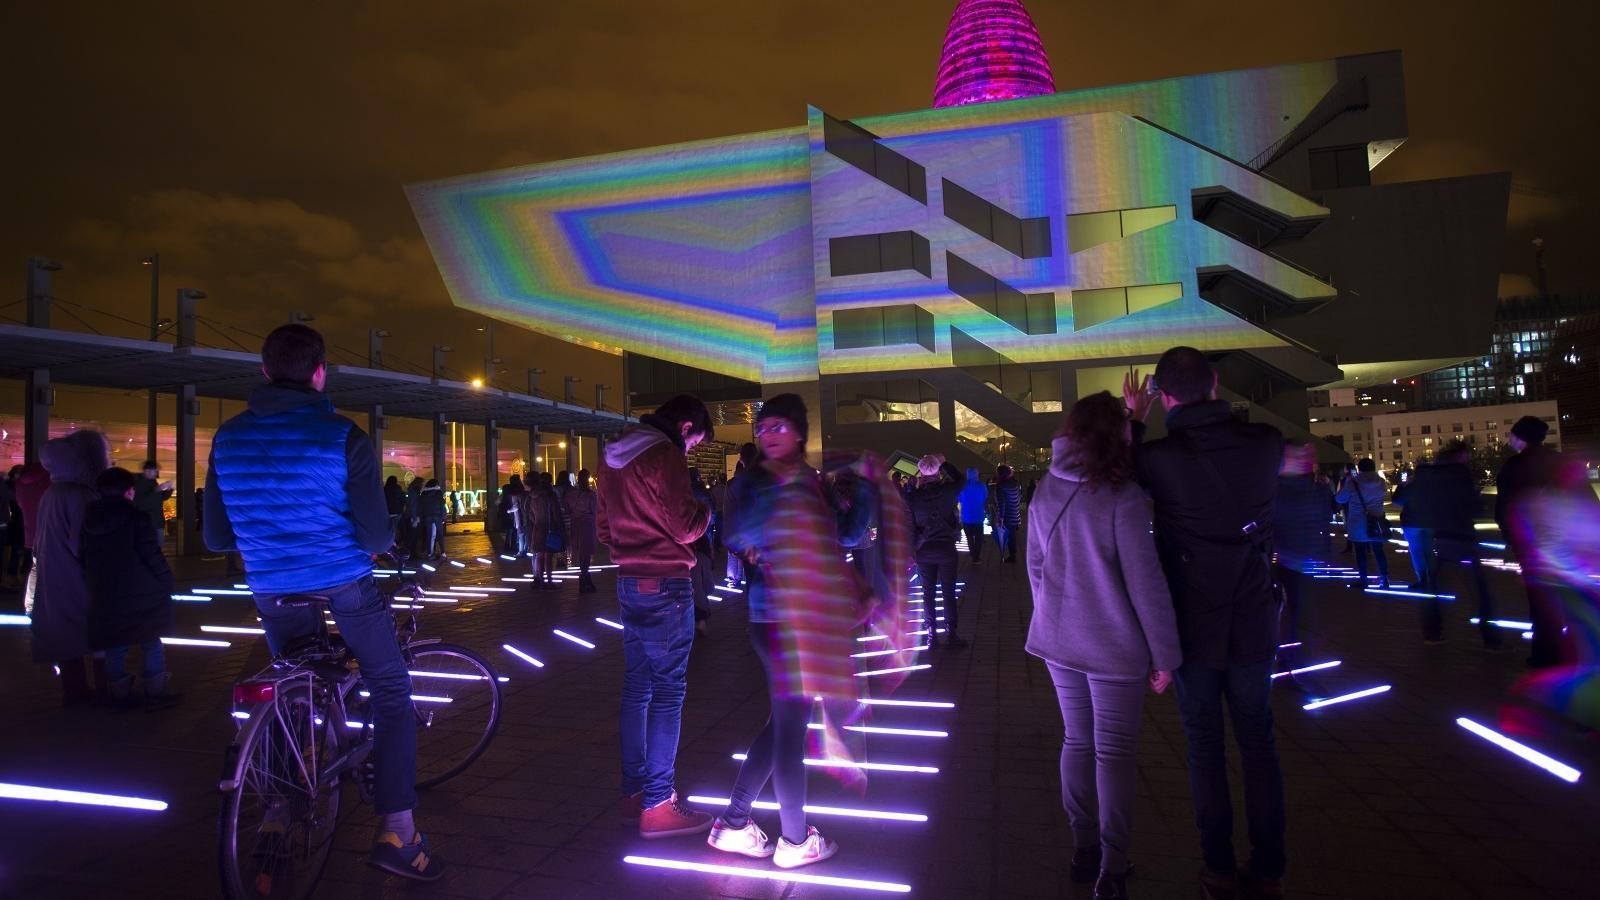 Gran espectacle de creació lumínica al Poblenou